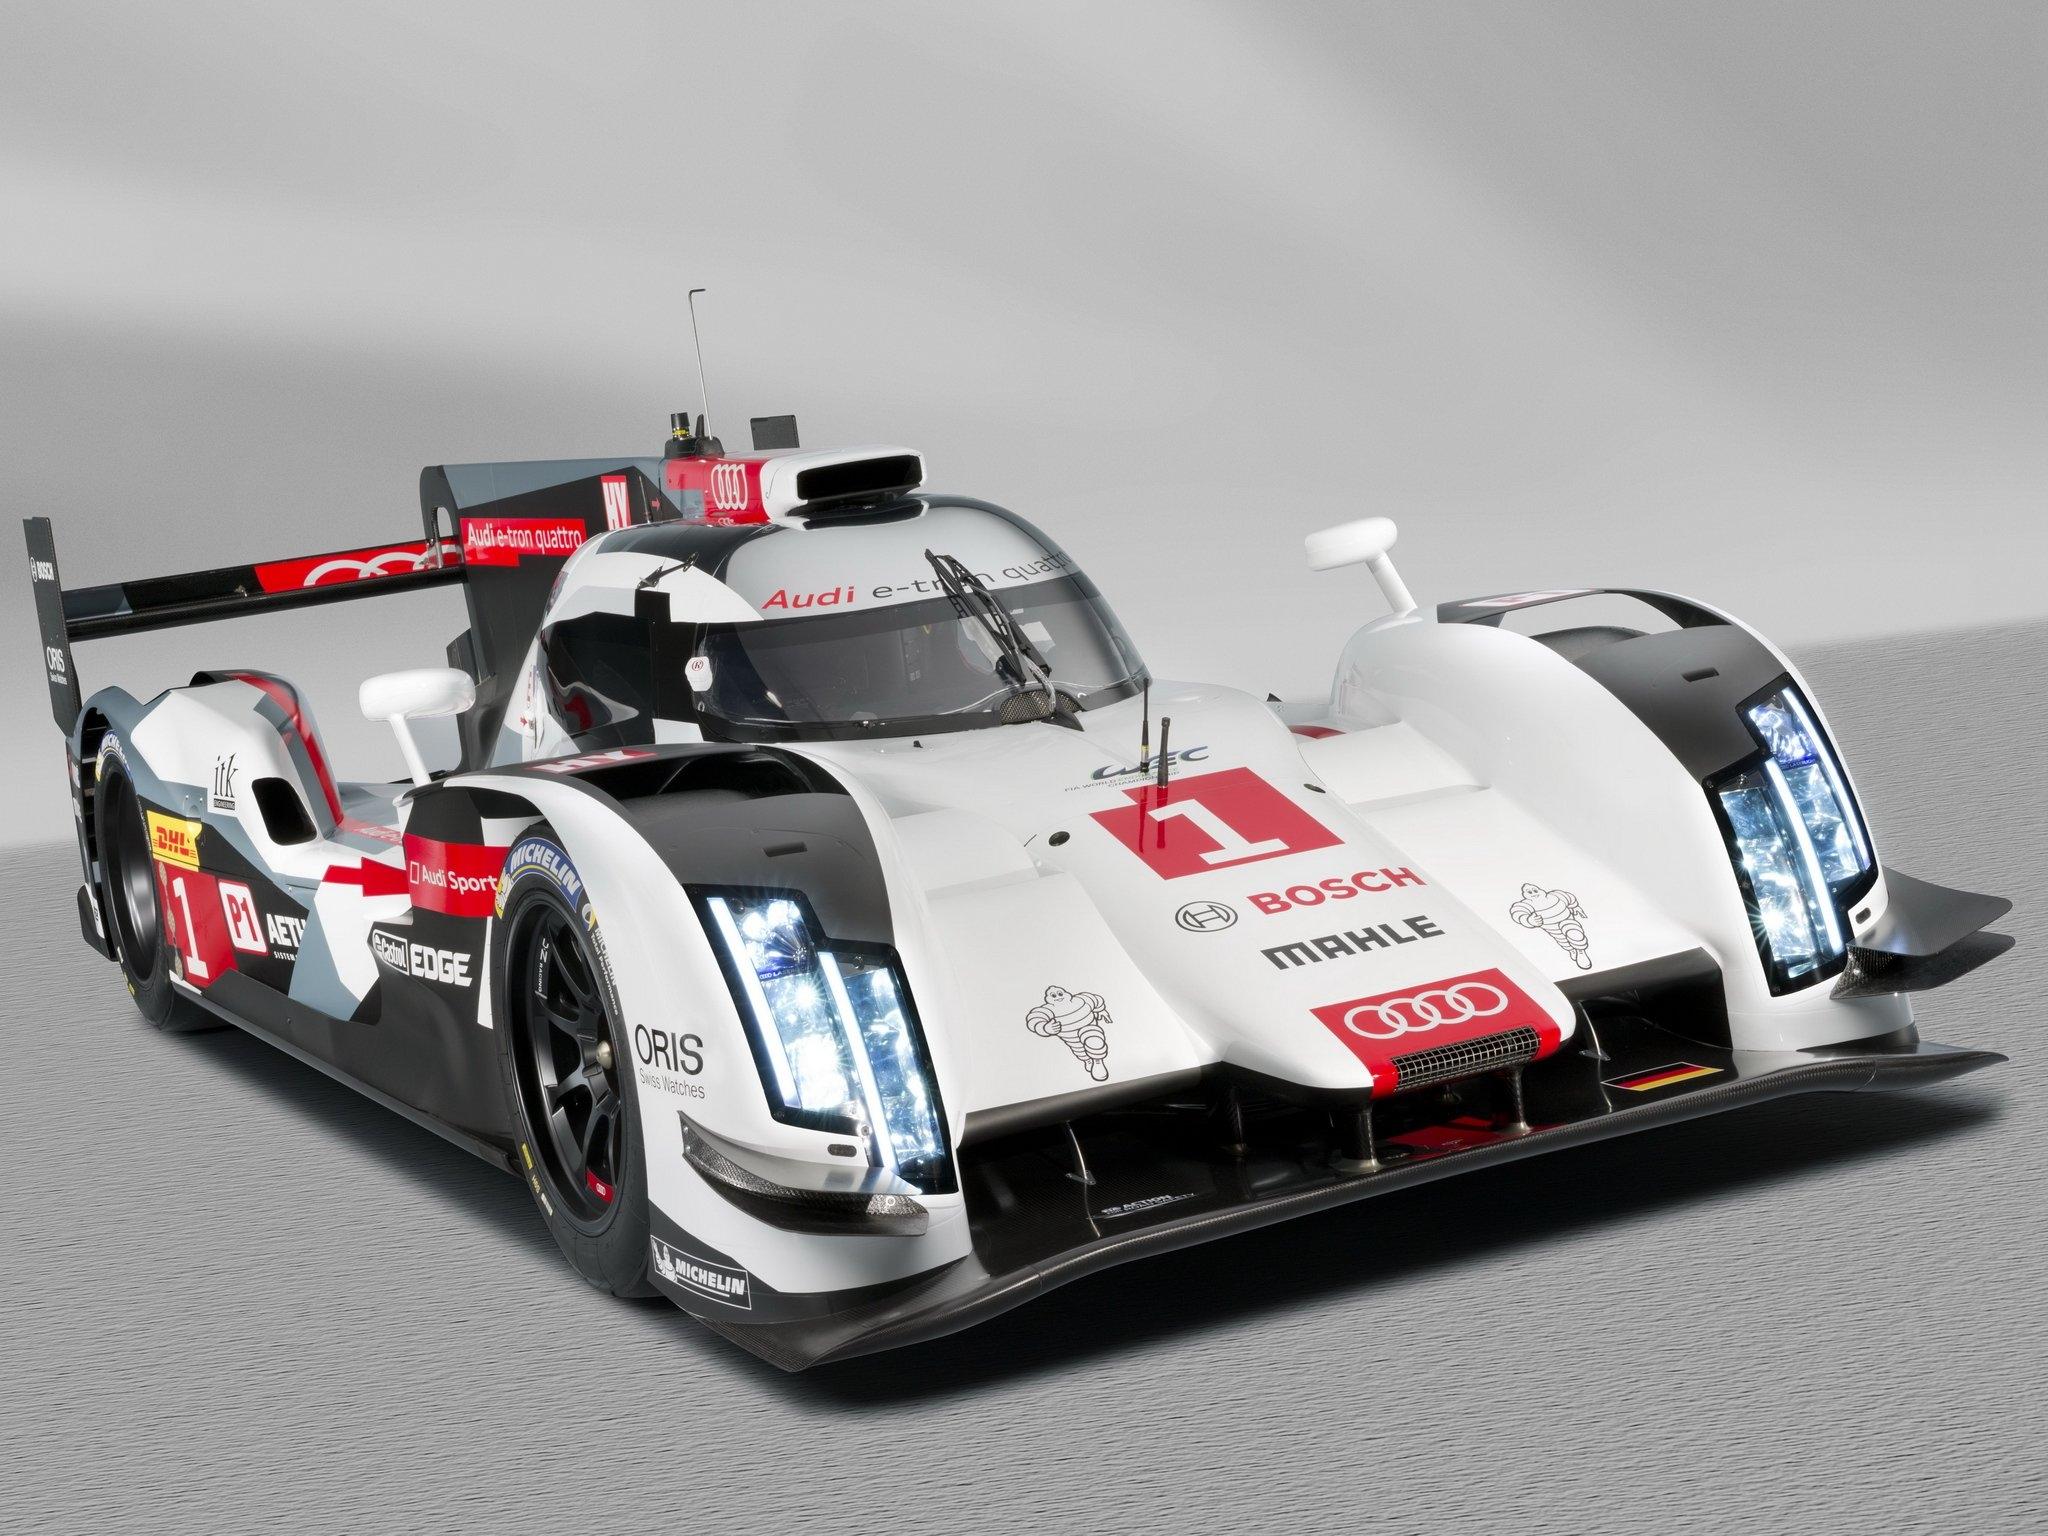 audi-r-e-tron-race-Audi-R-E-Tron-Quattro-Le-Mans-Race-Racing-R-wit-wallpaper-wpc5802355